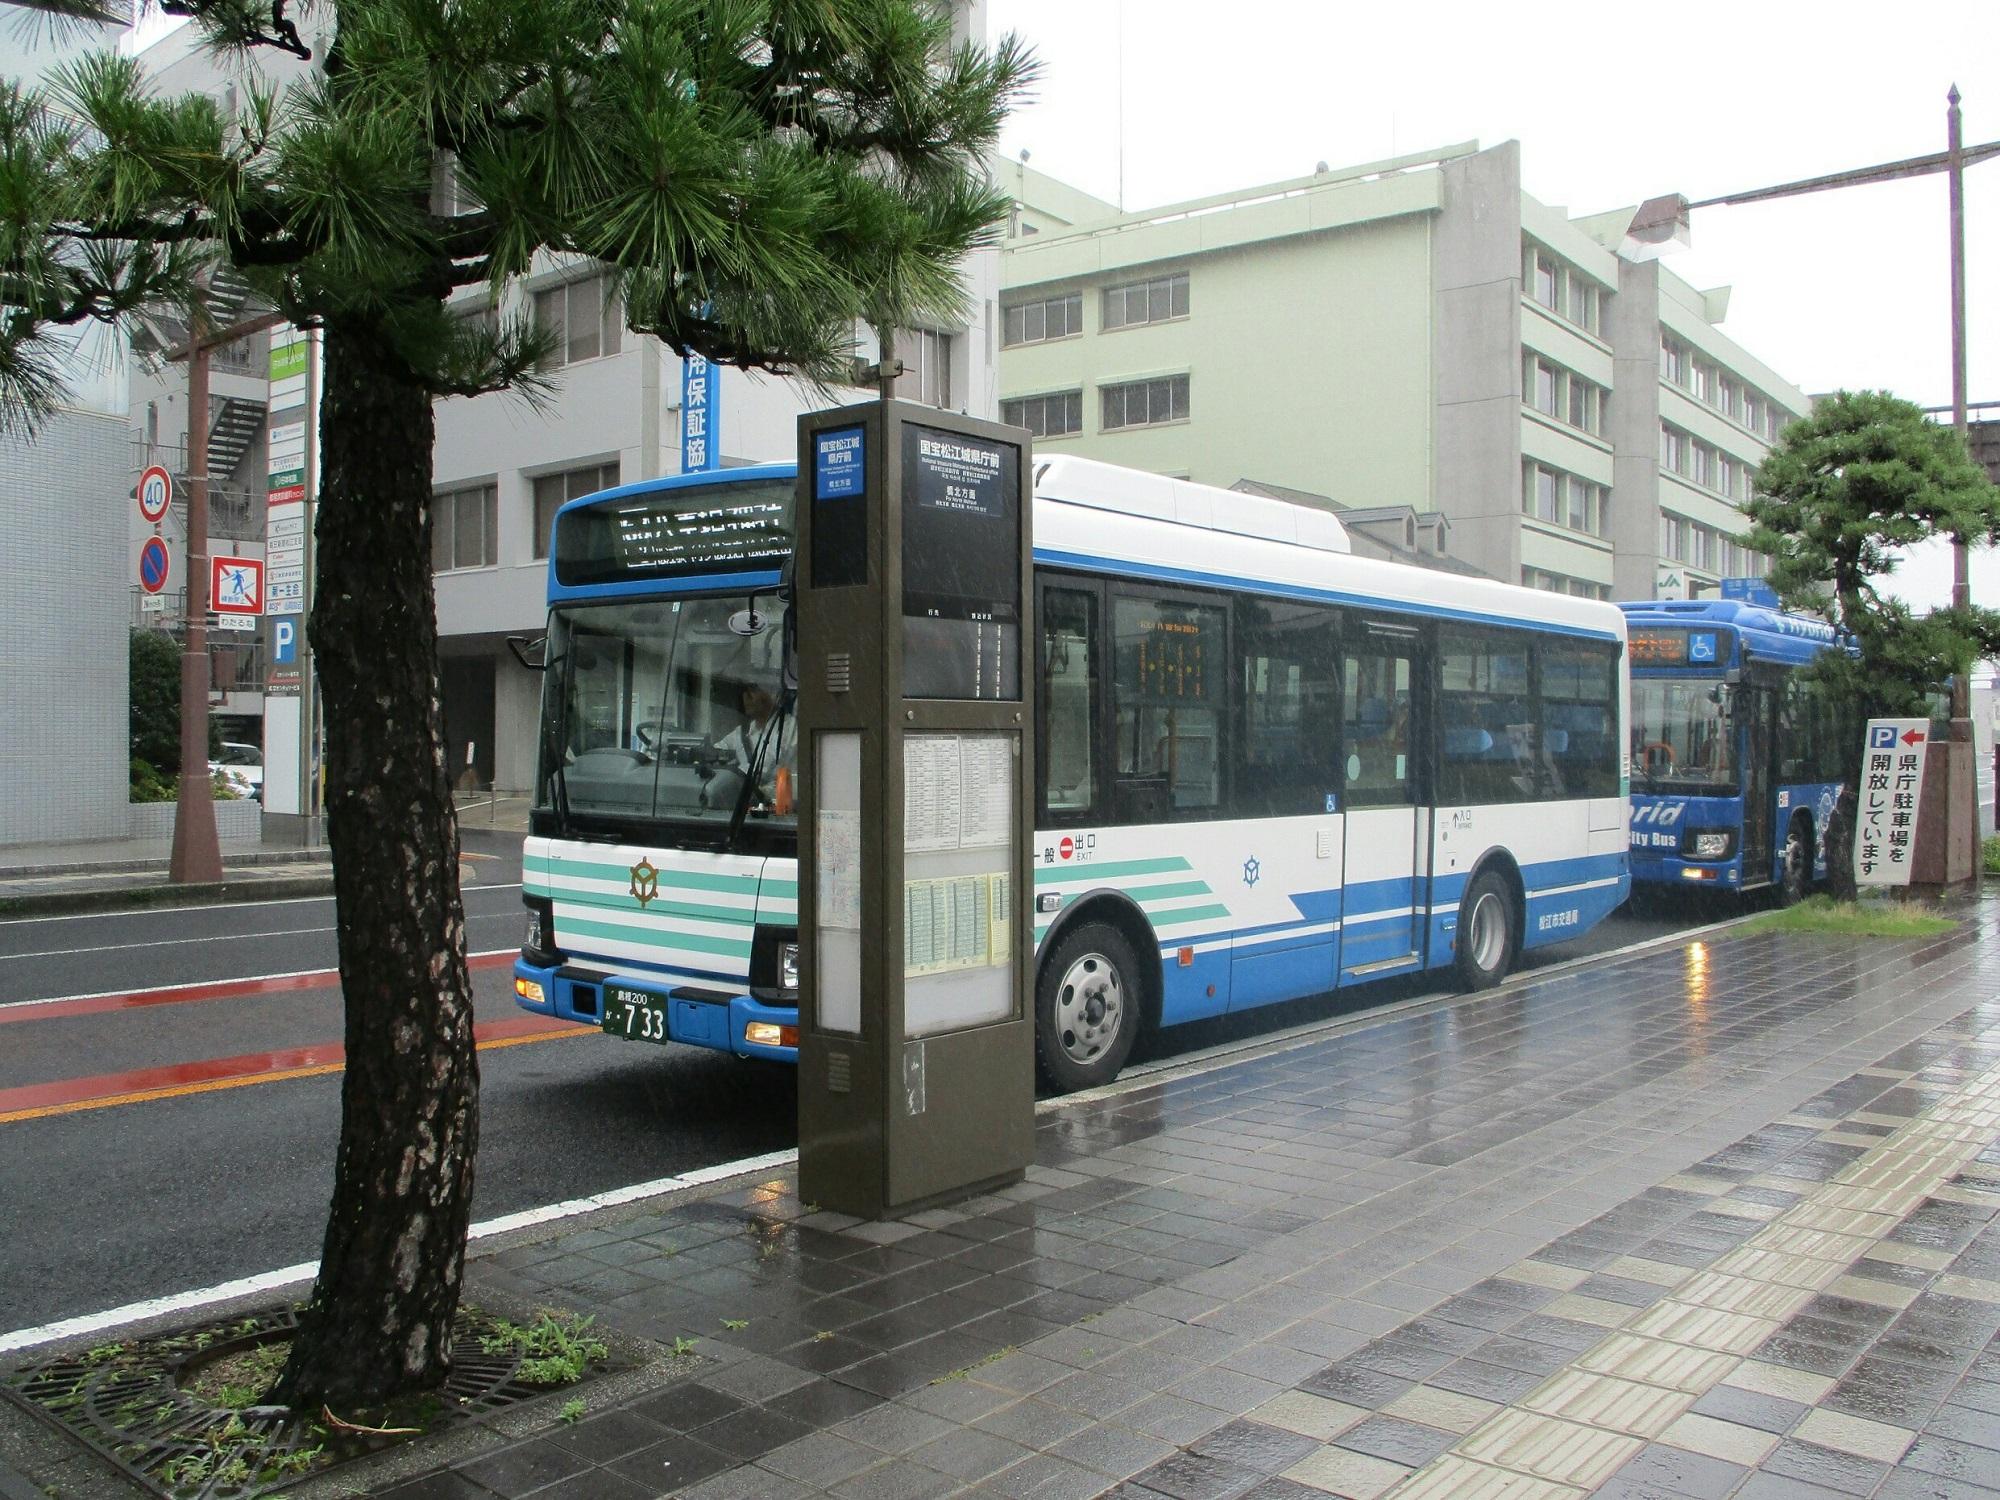 2018.7.7 (2) 国宝松江城県庁前バス停 - 松江市営バス 2000-1500